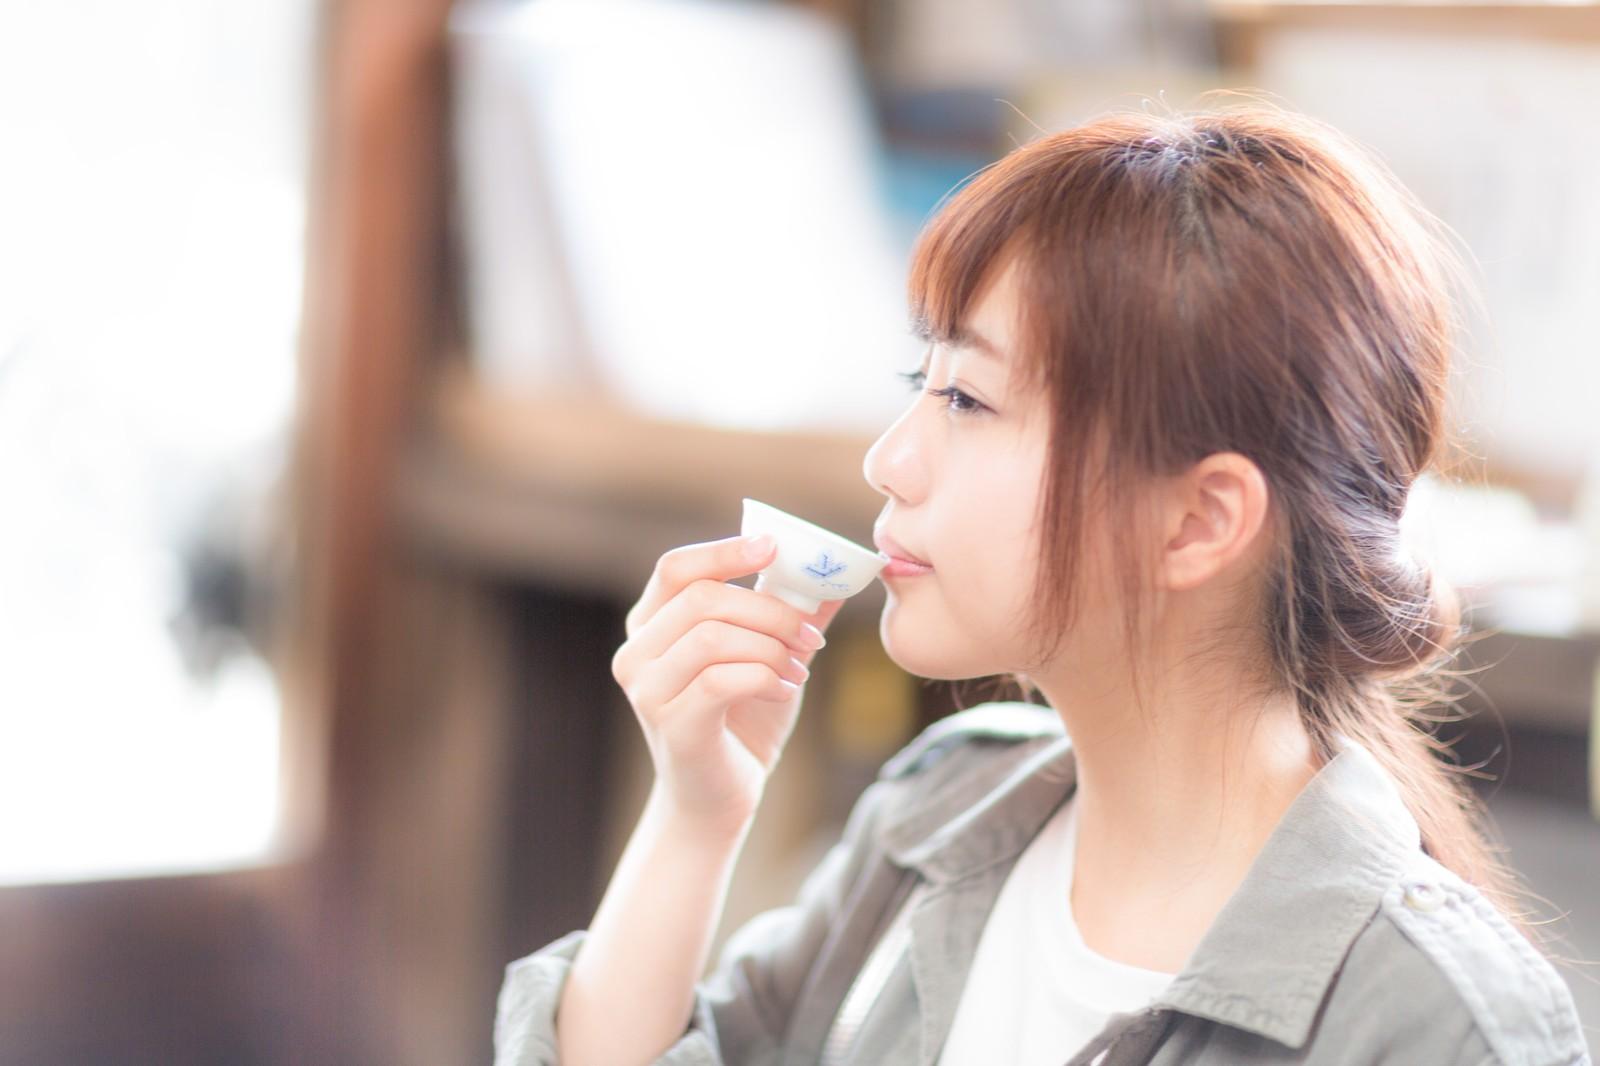 【徳島県三好市】イイお酒をたしなみに「四国酒祭り」にいざ出陣!徹底レポ